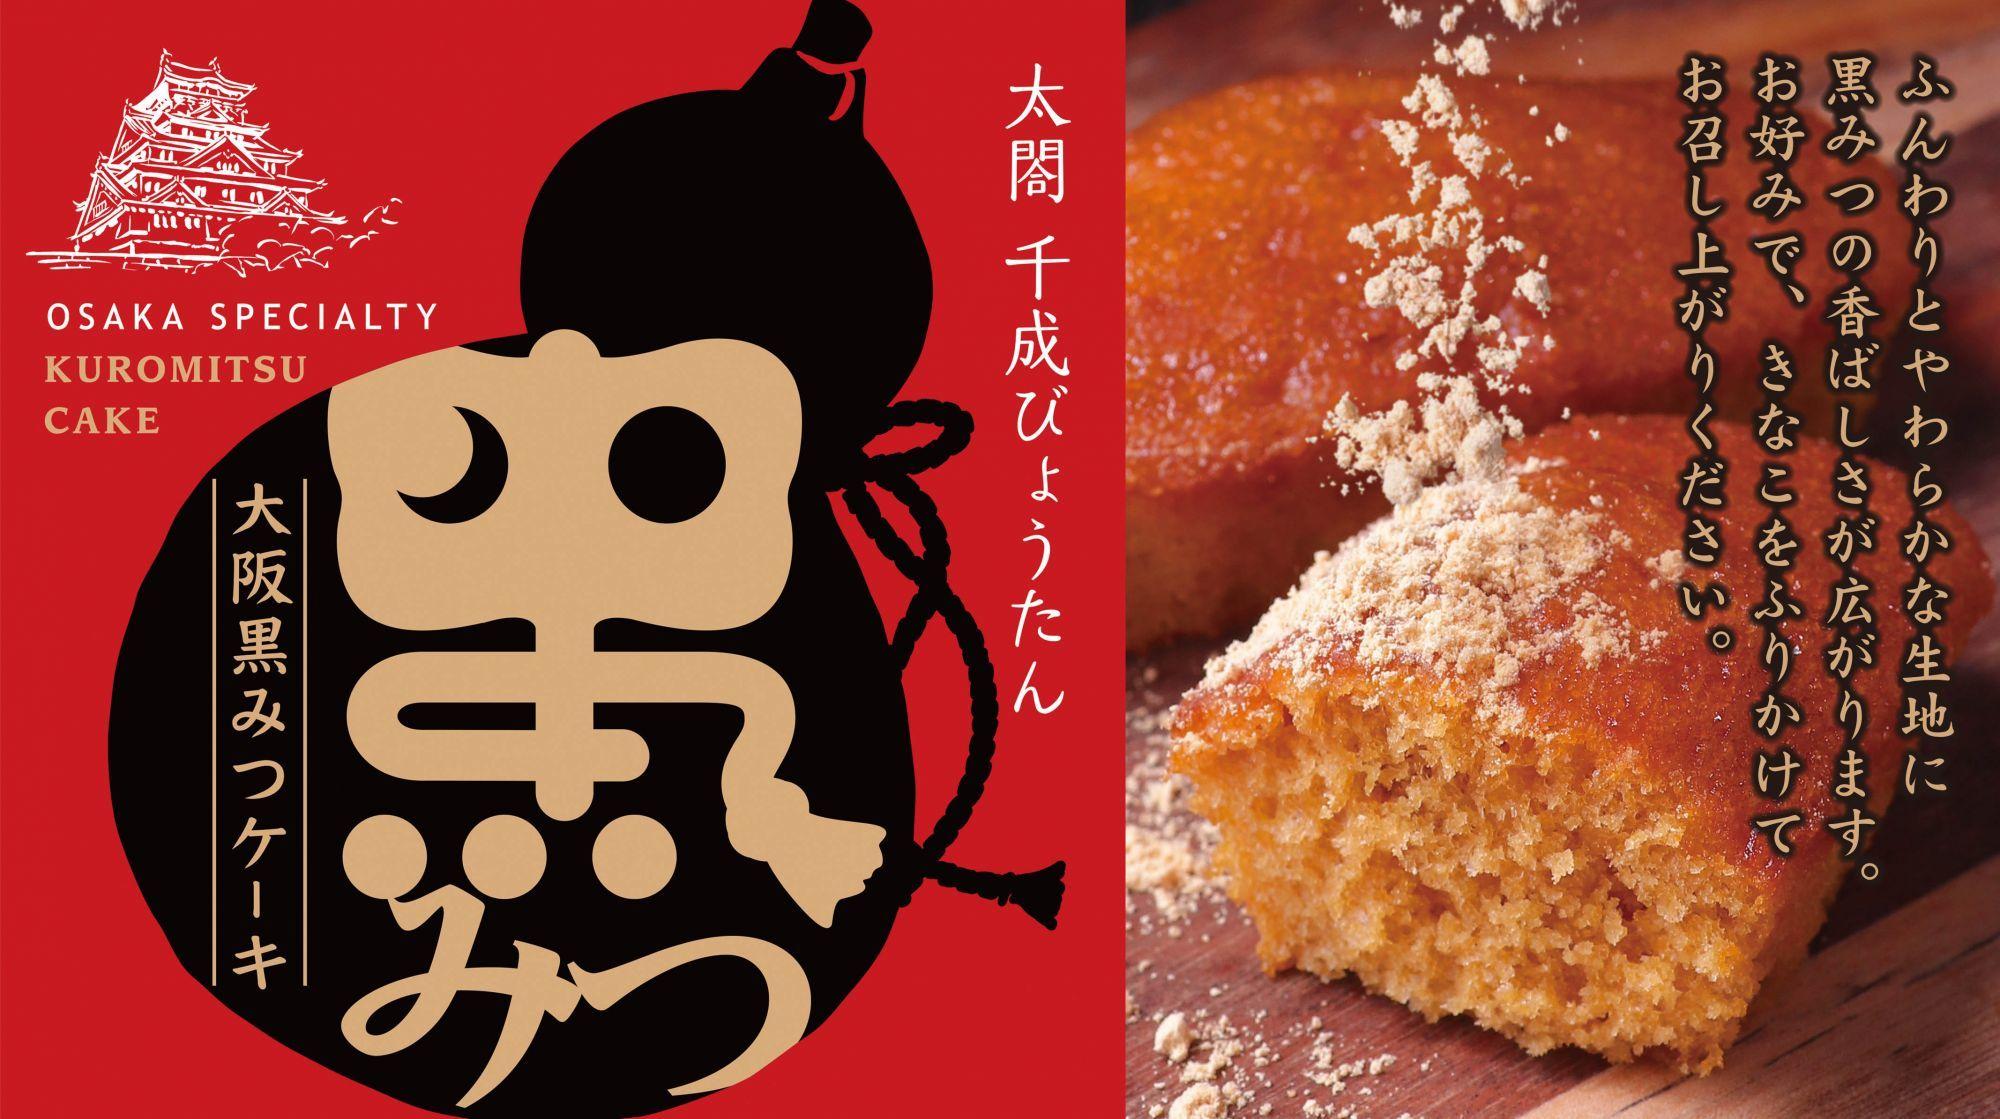 大阪黒みつケーキ